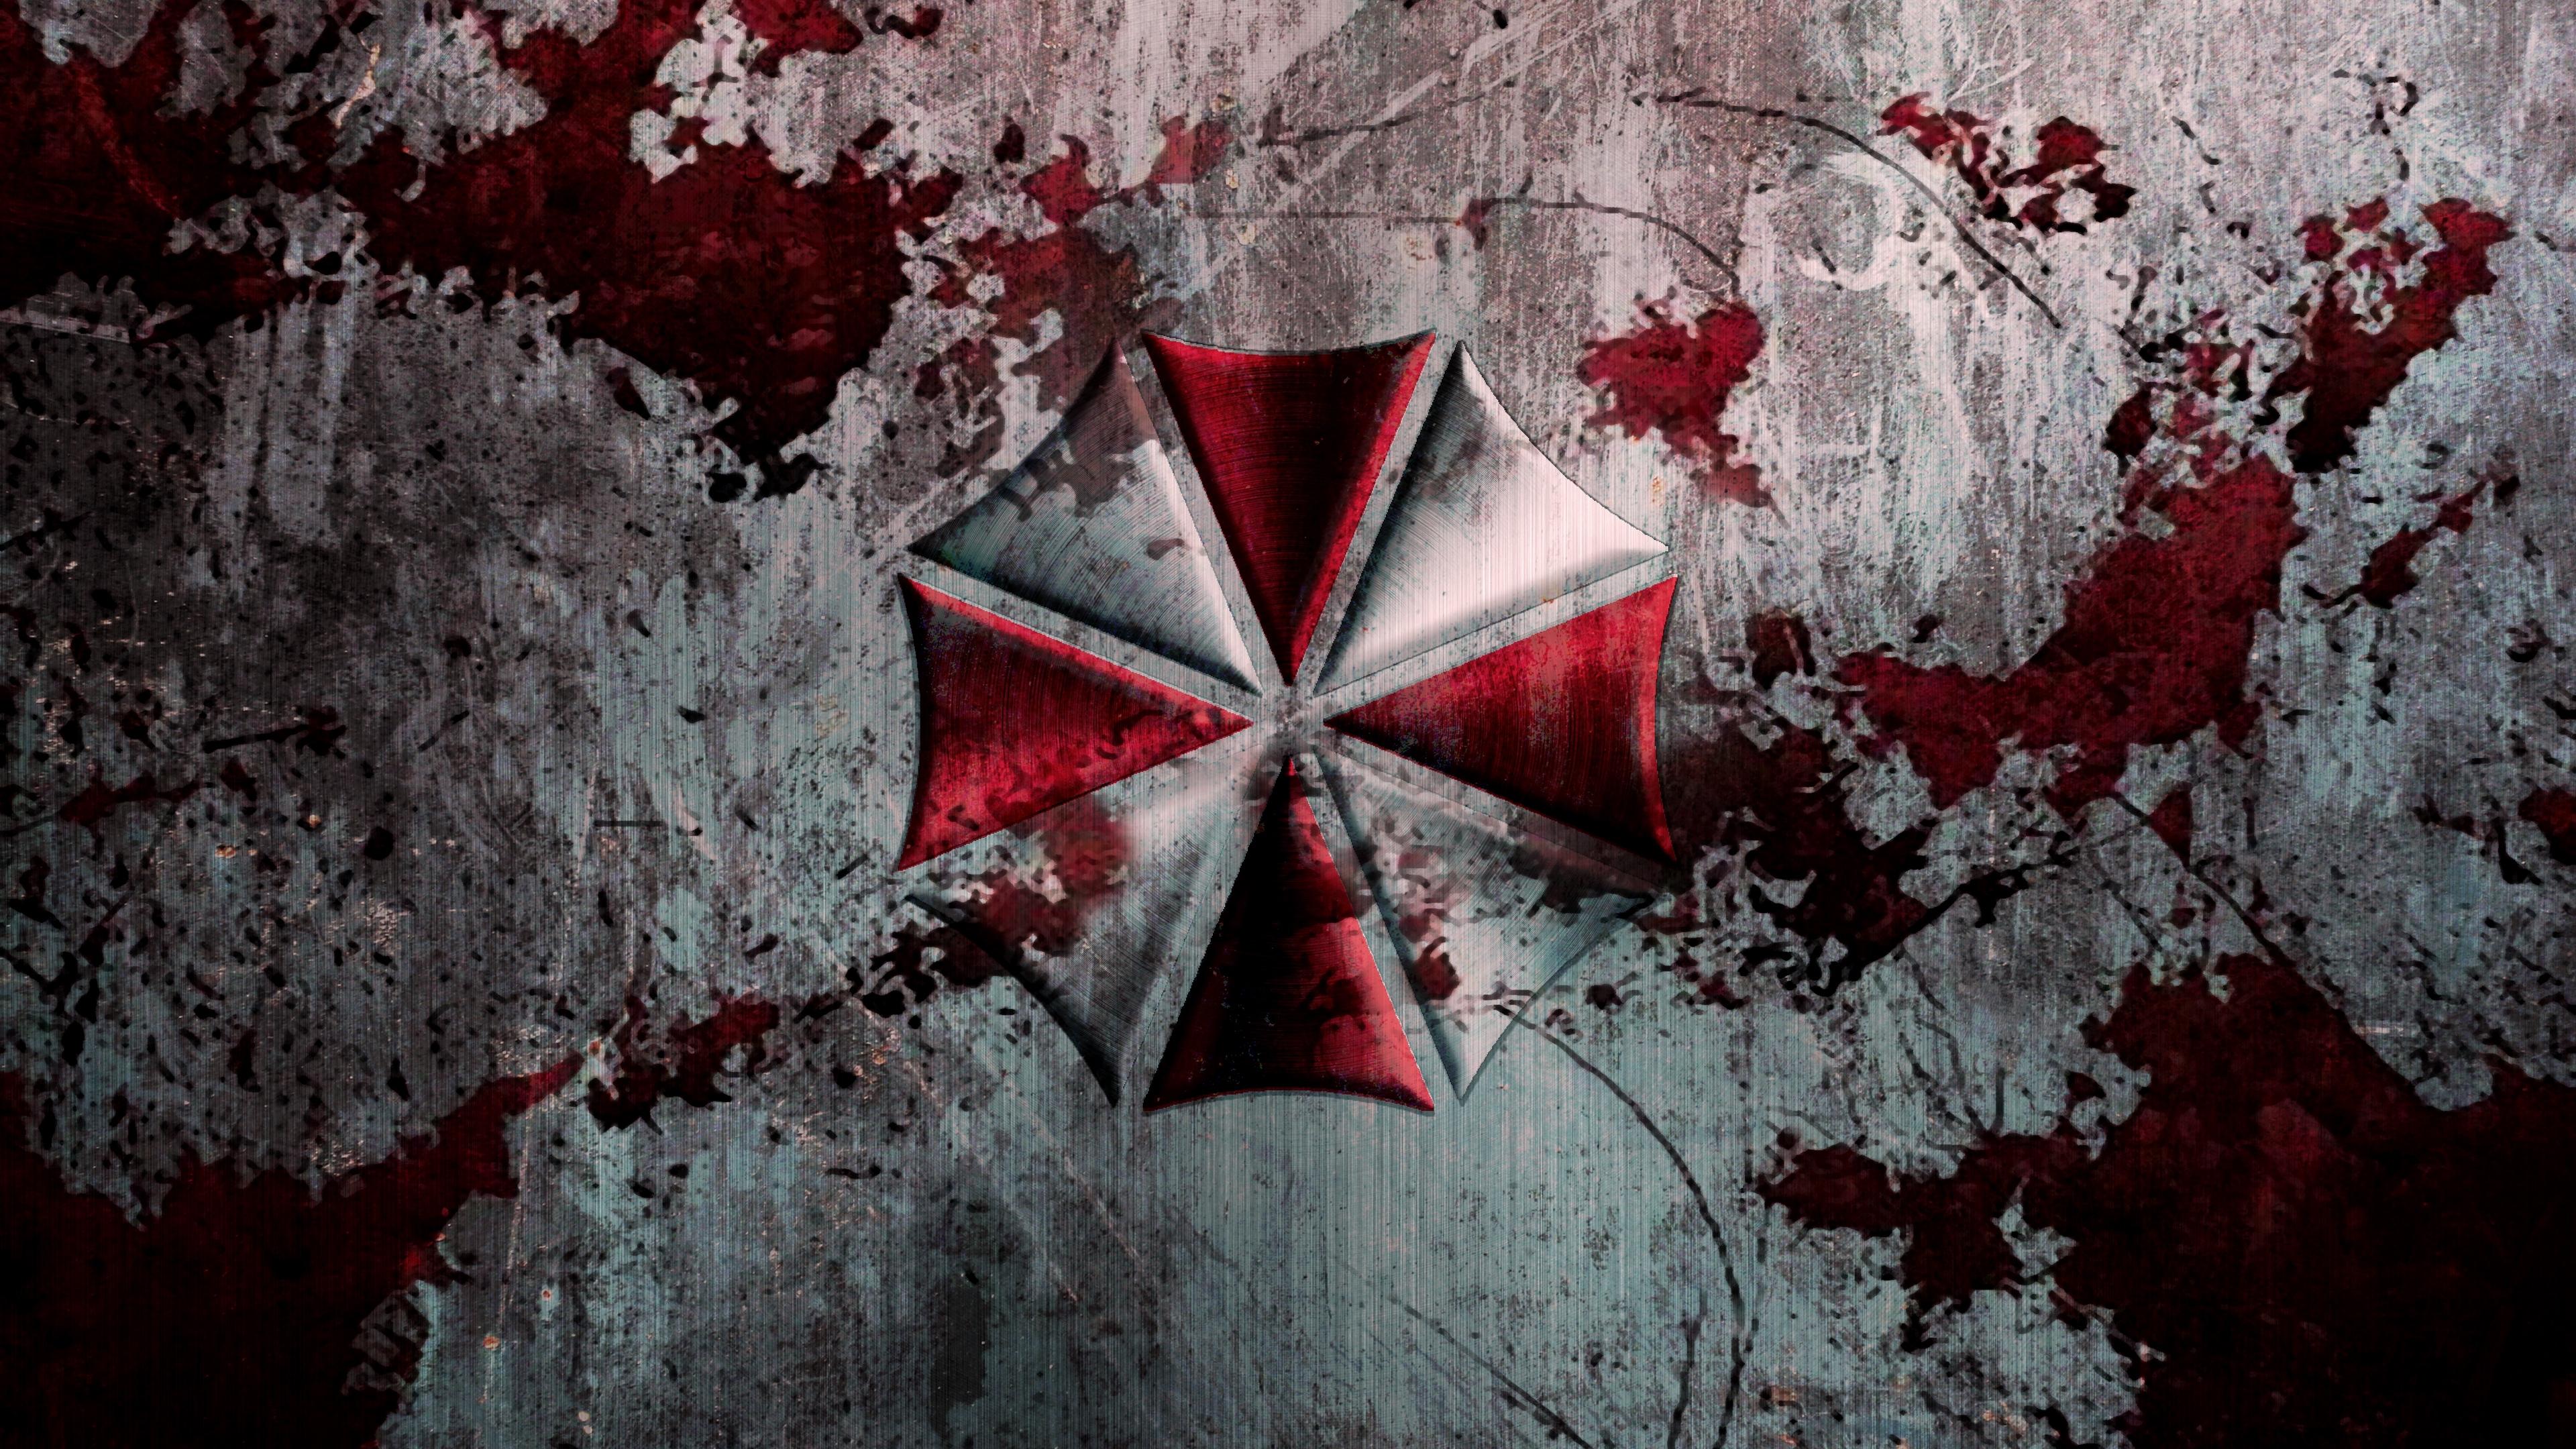 resident evil umbrella corporation 4k 1538944980 - resident, evil, umbrella, corporation 4k - Umbrella, Resident, Evil